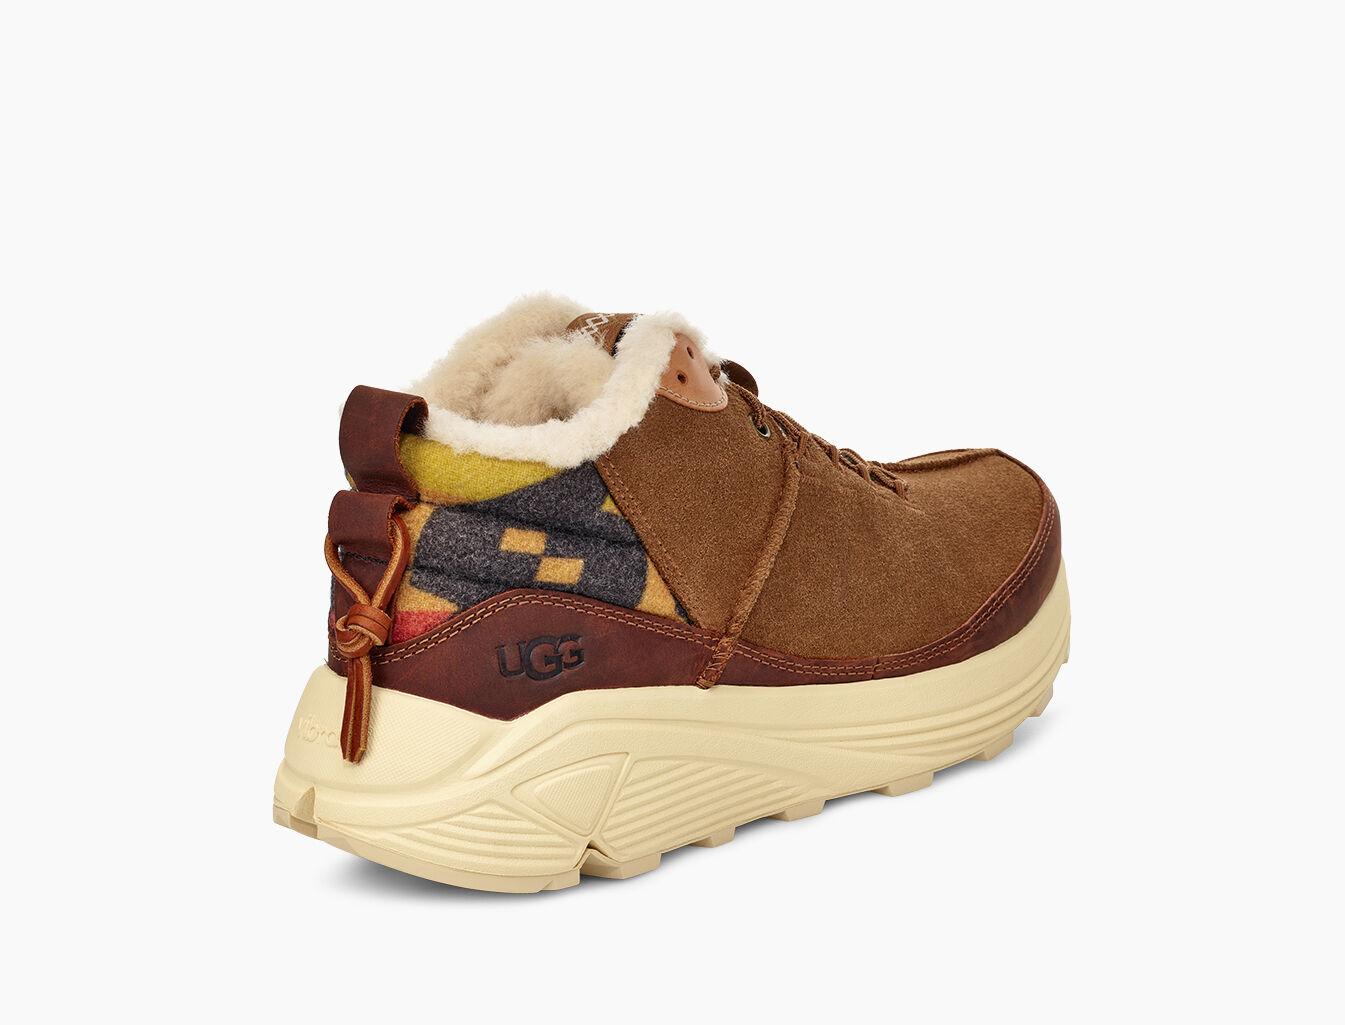 Miwo Trainer High Sierra Sneaker   UGG